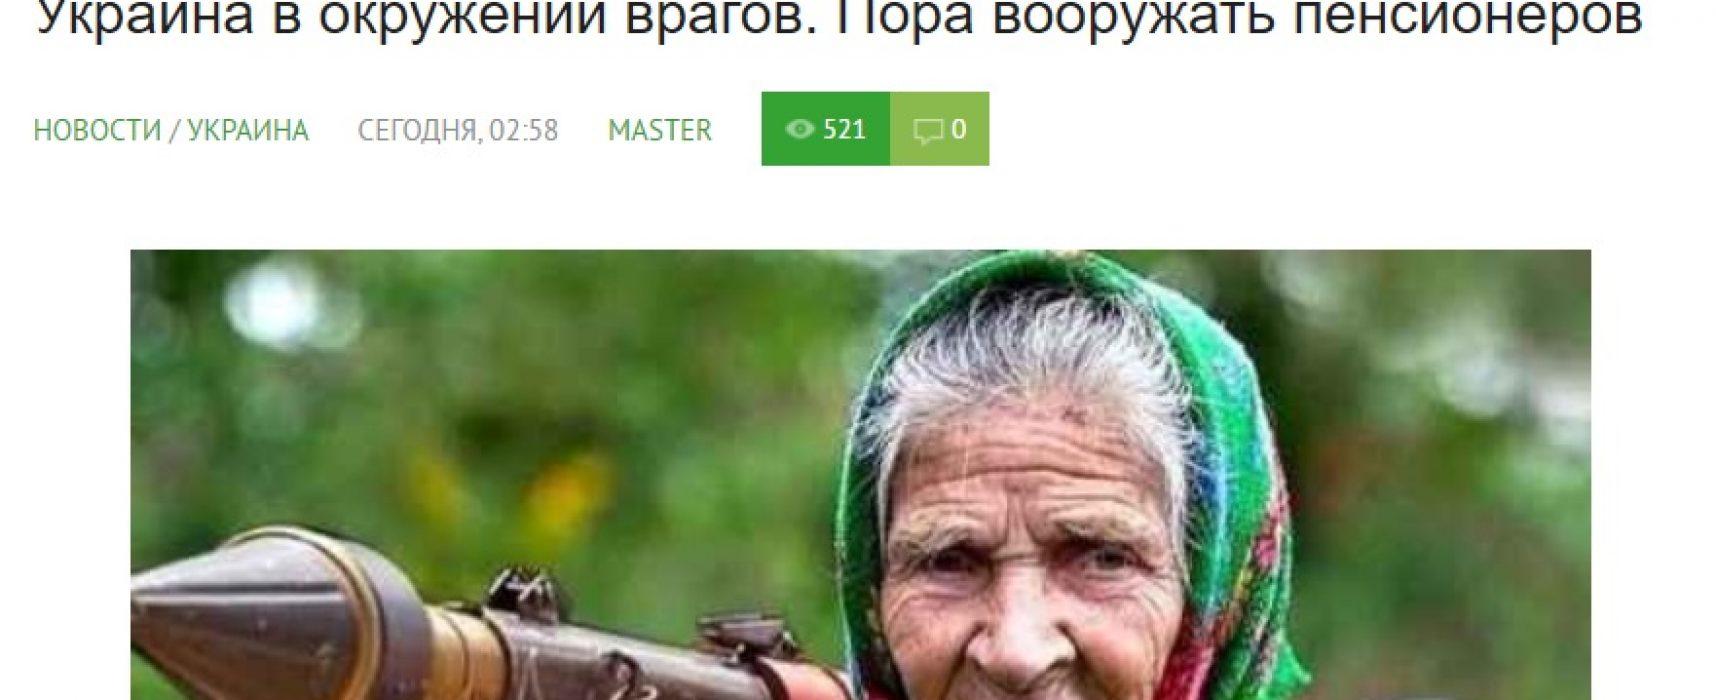 Manipulativ: Ukrainische Großmütter sollen mit Gewehren bewaffnet werden, um sich gegen Russland zu verteidigen